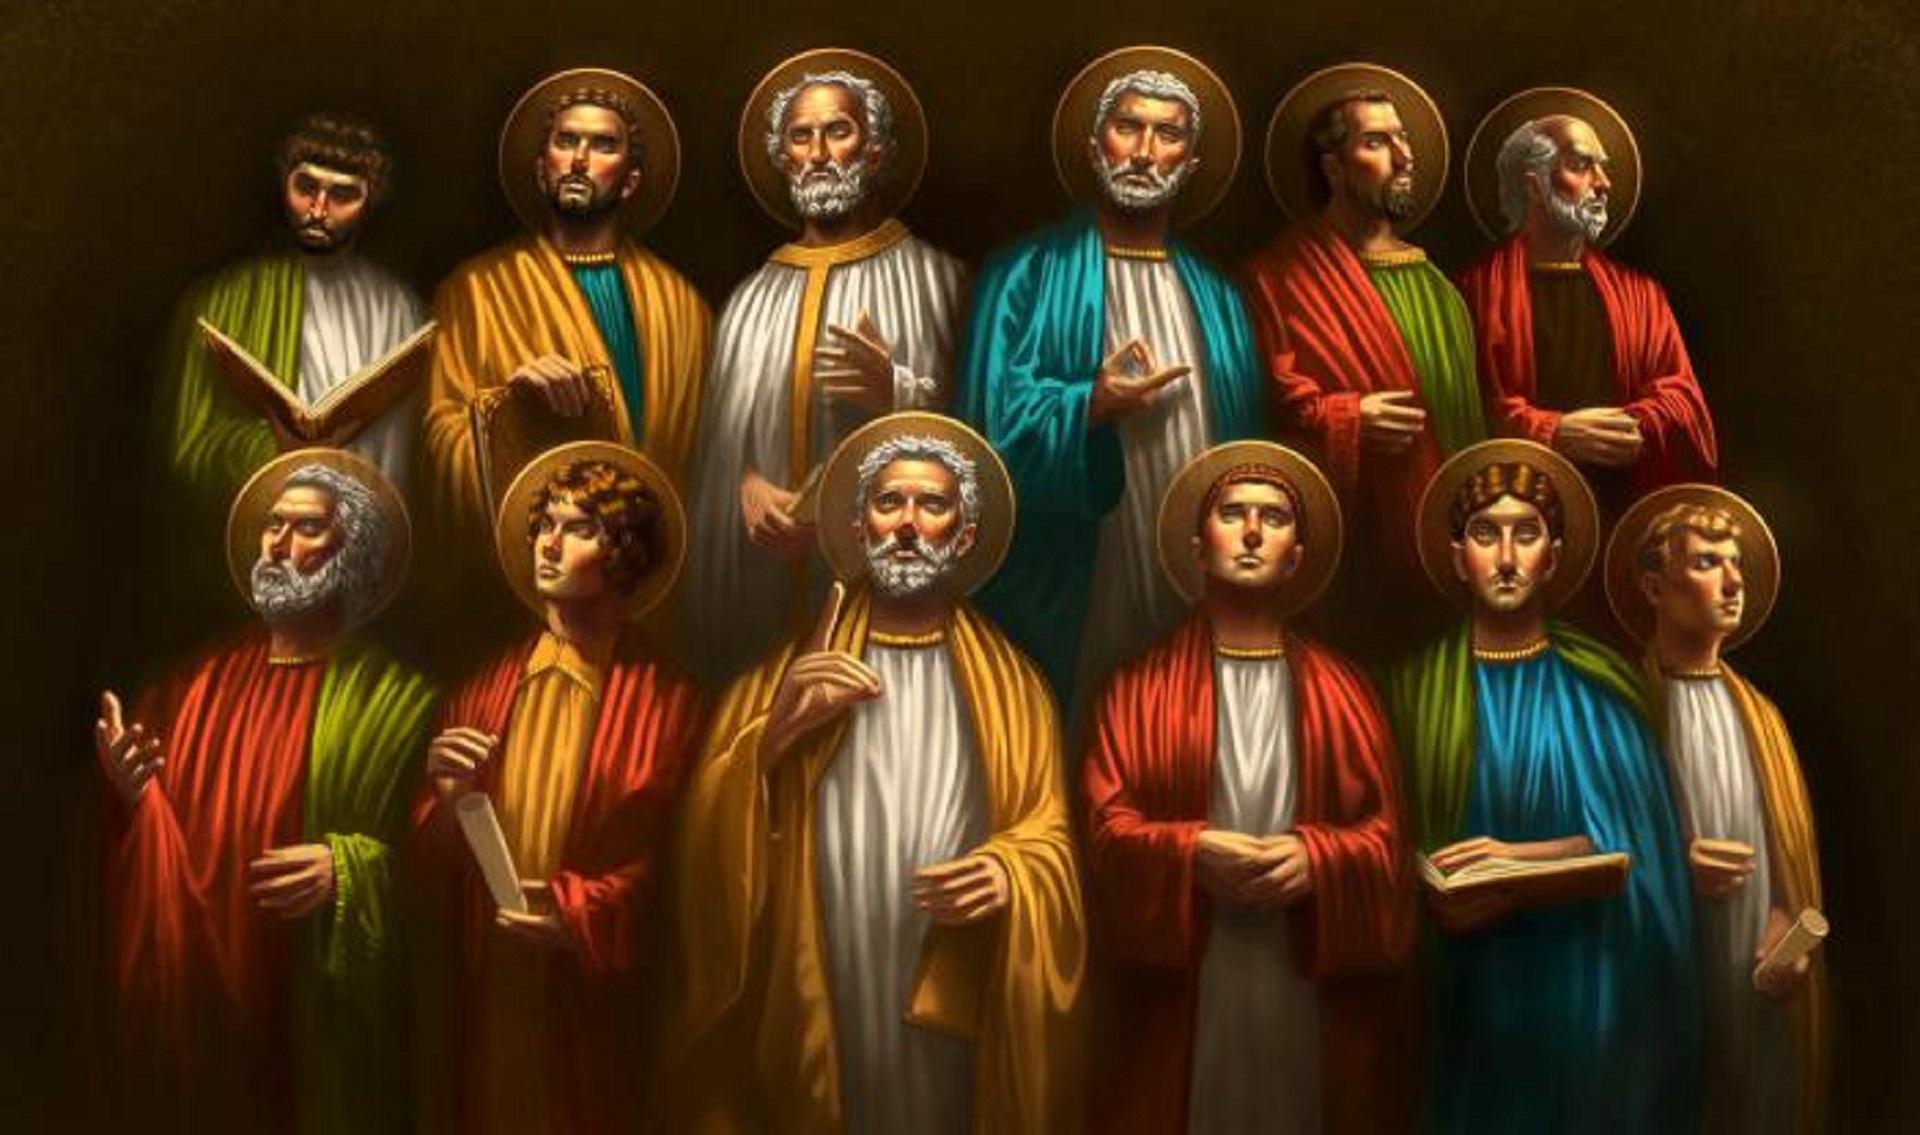 Книга деяний святых апостолов новый завет библия 1